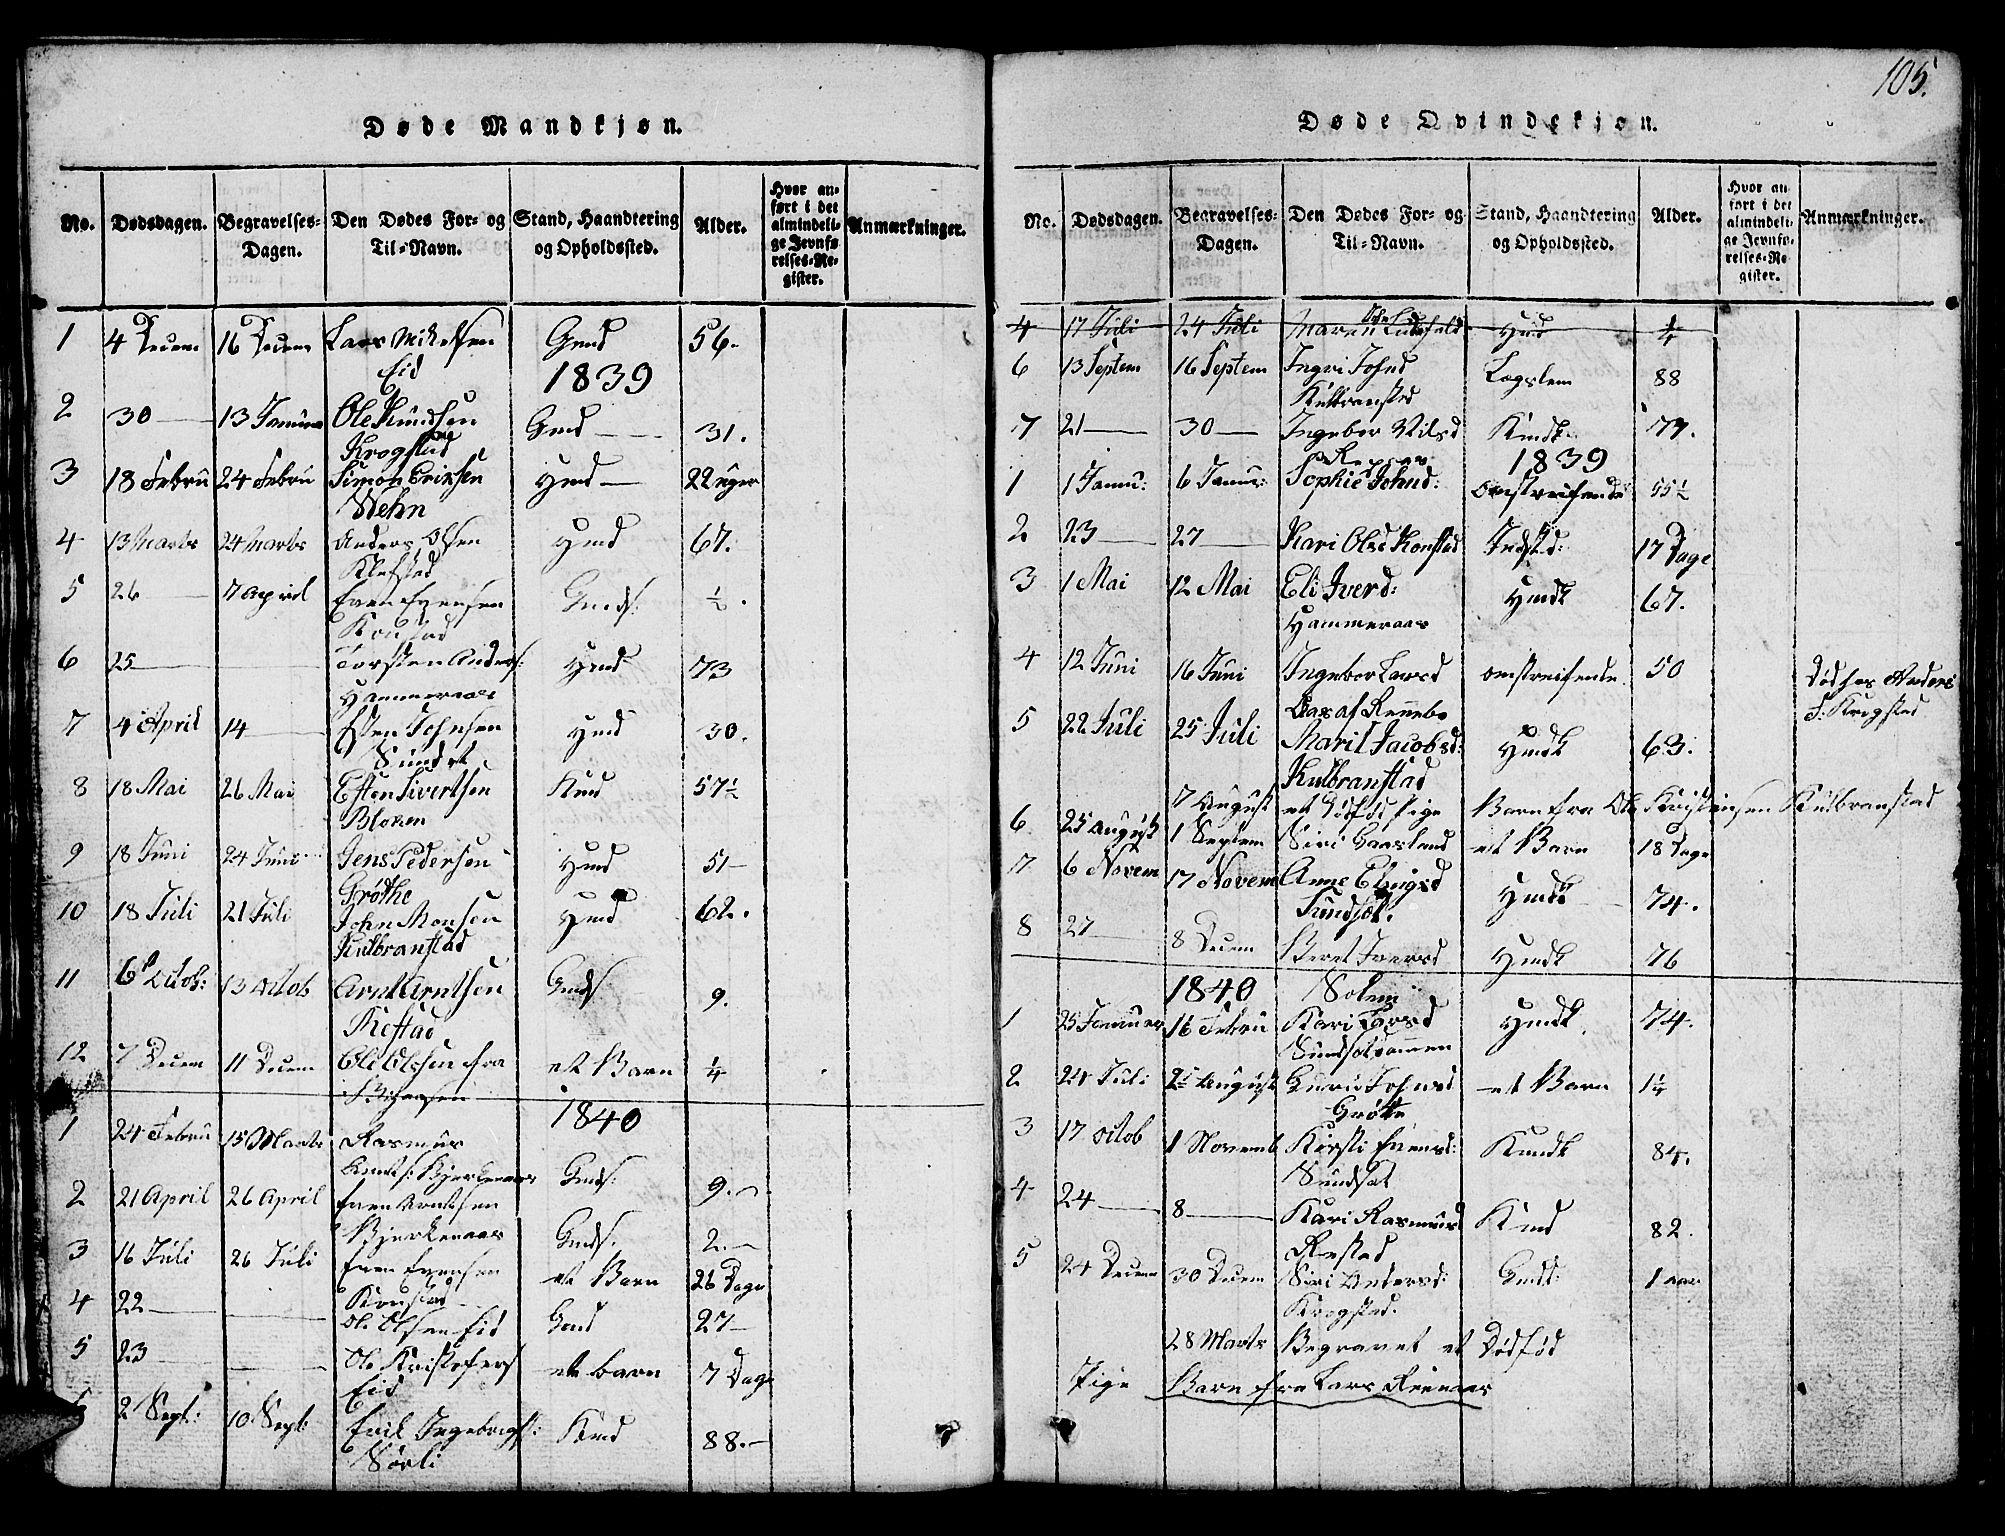 SAT, Ministerialprotokoller, klokkerbøker og fødselsregistre - Sør-Trøndelag, 694/L1130: Klokkerbok nr. 694C02, 1816-1857, s. 105